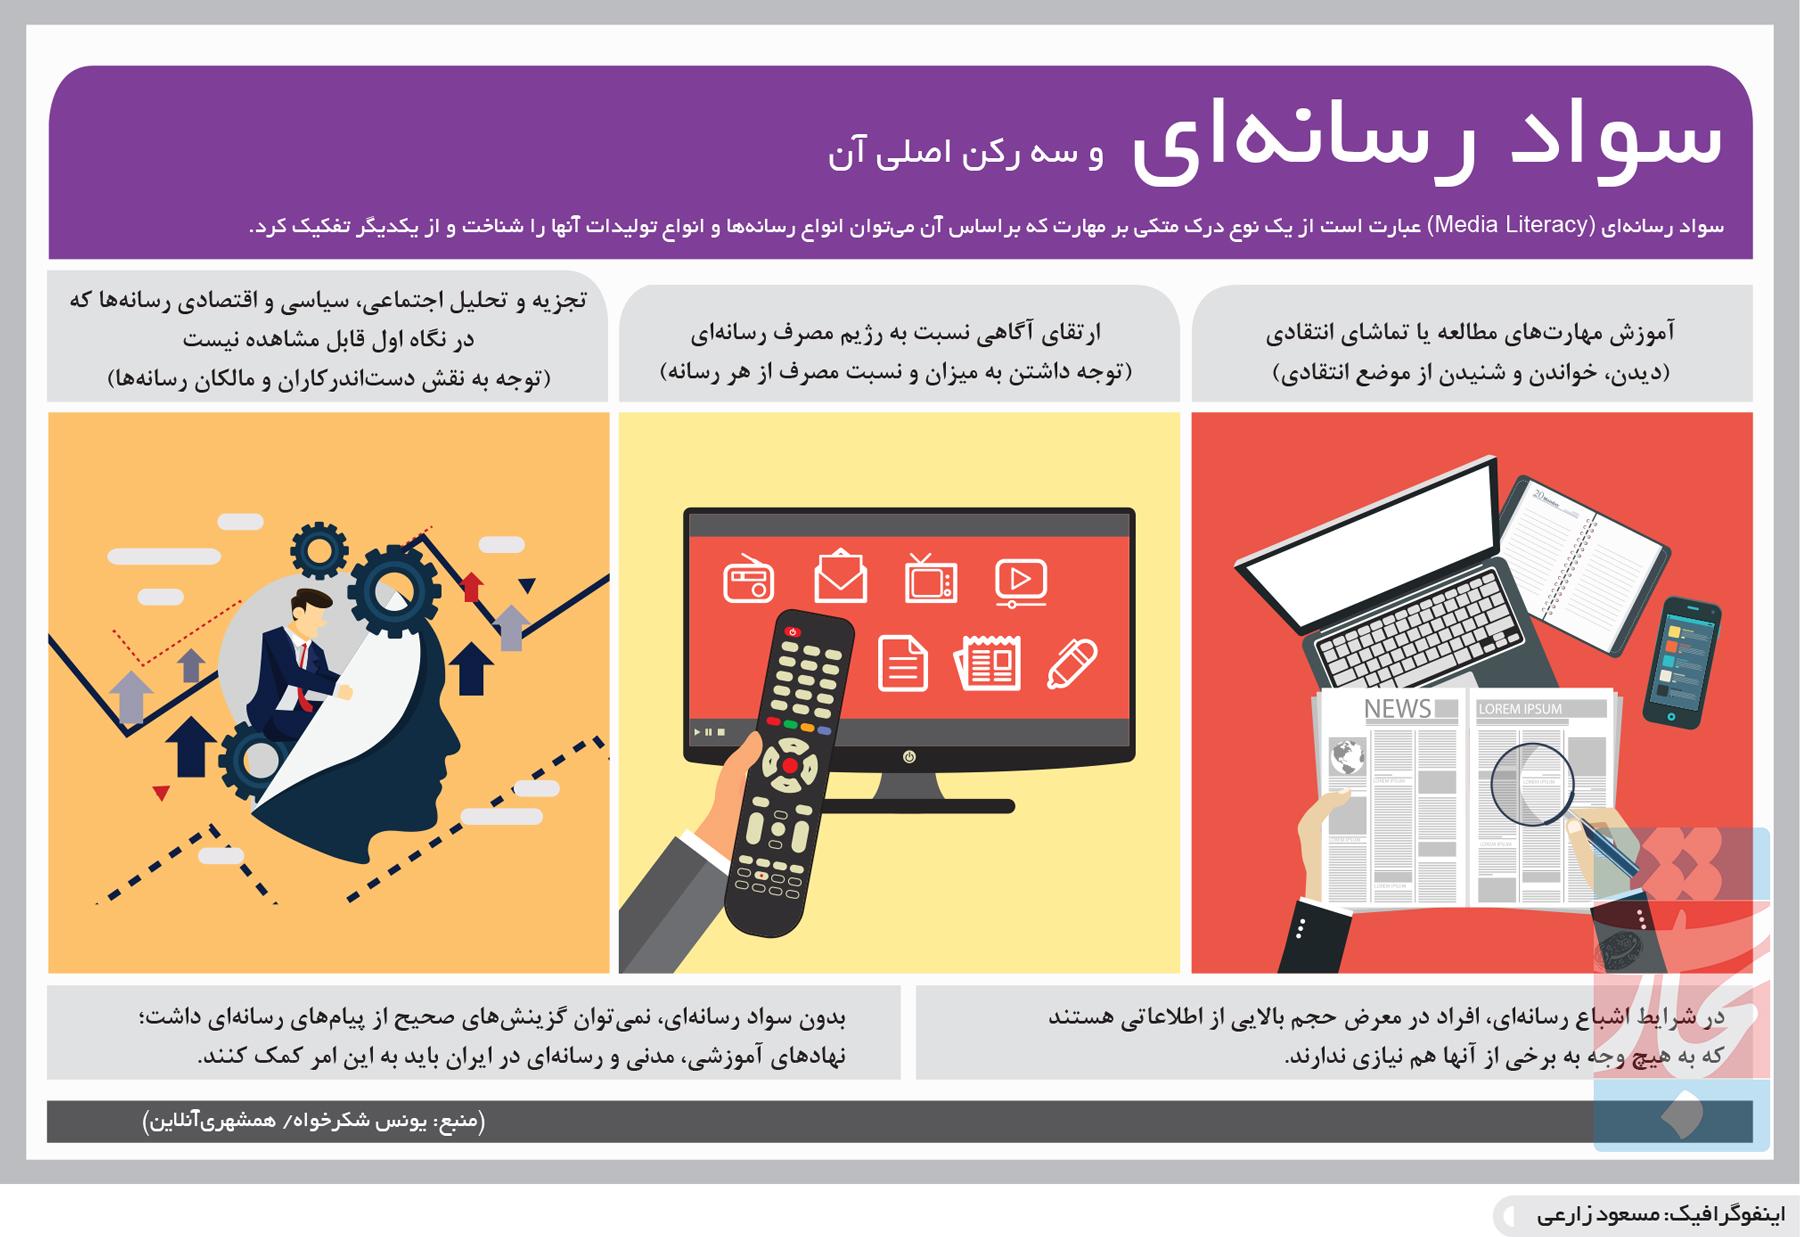 تجارت- فردا- سواد رسانهای و سه رکن اصلی آن(اینفوگرافیک)